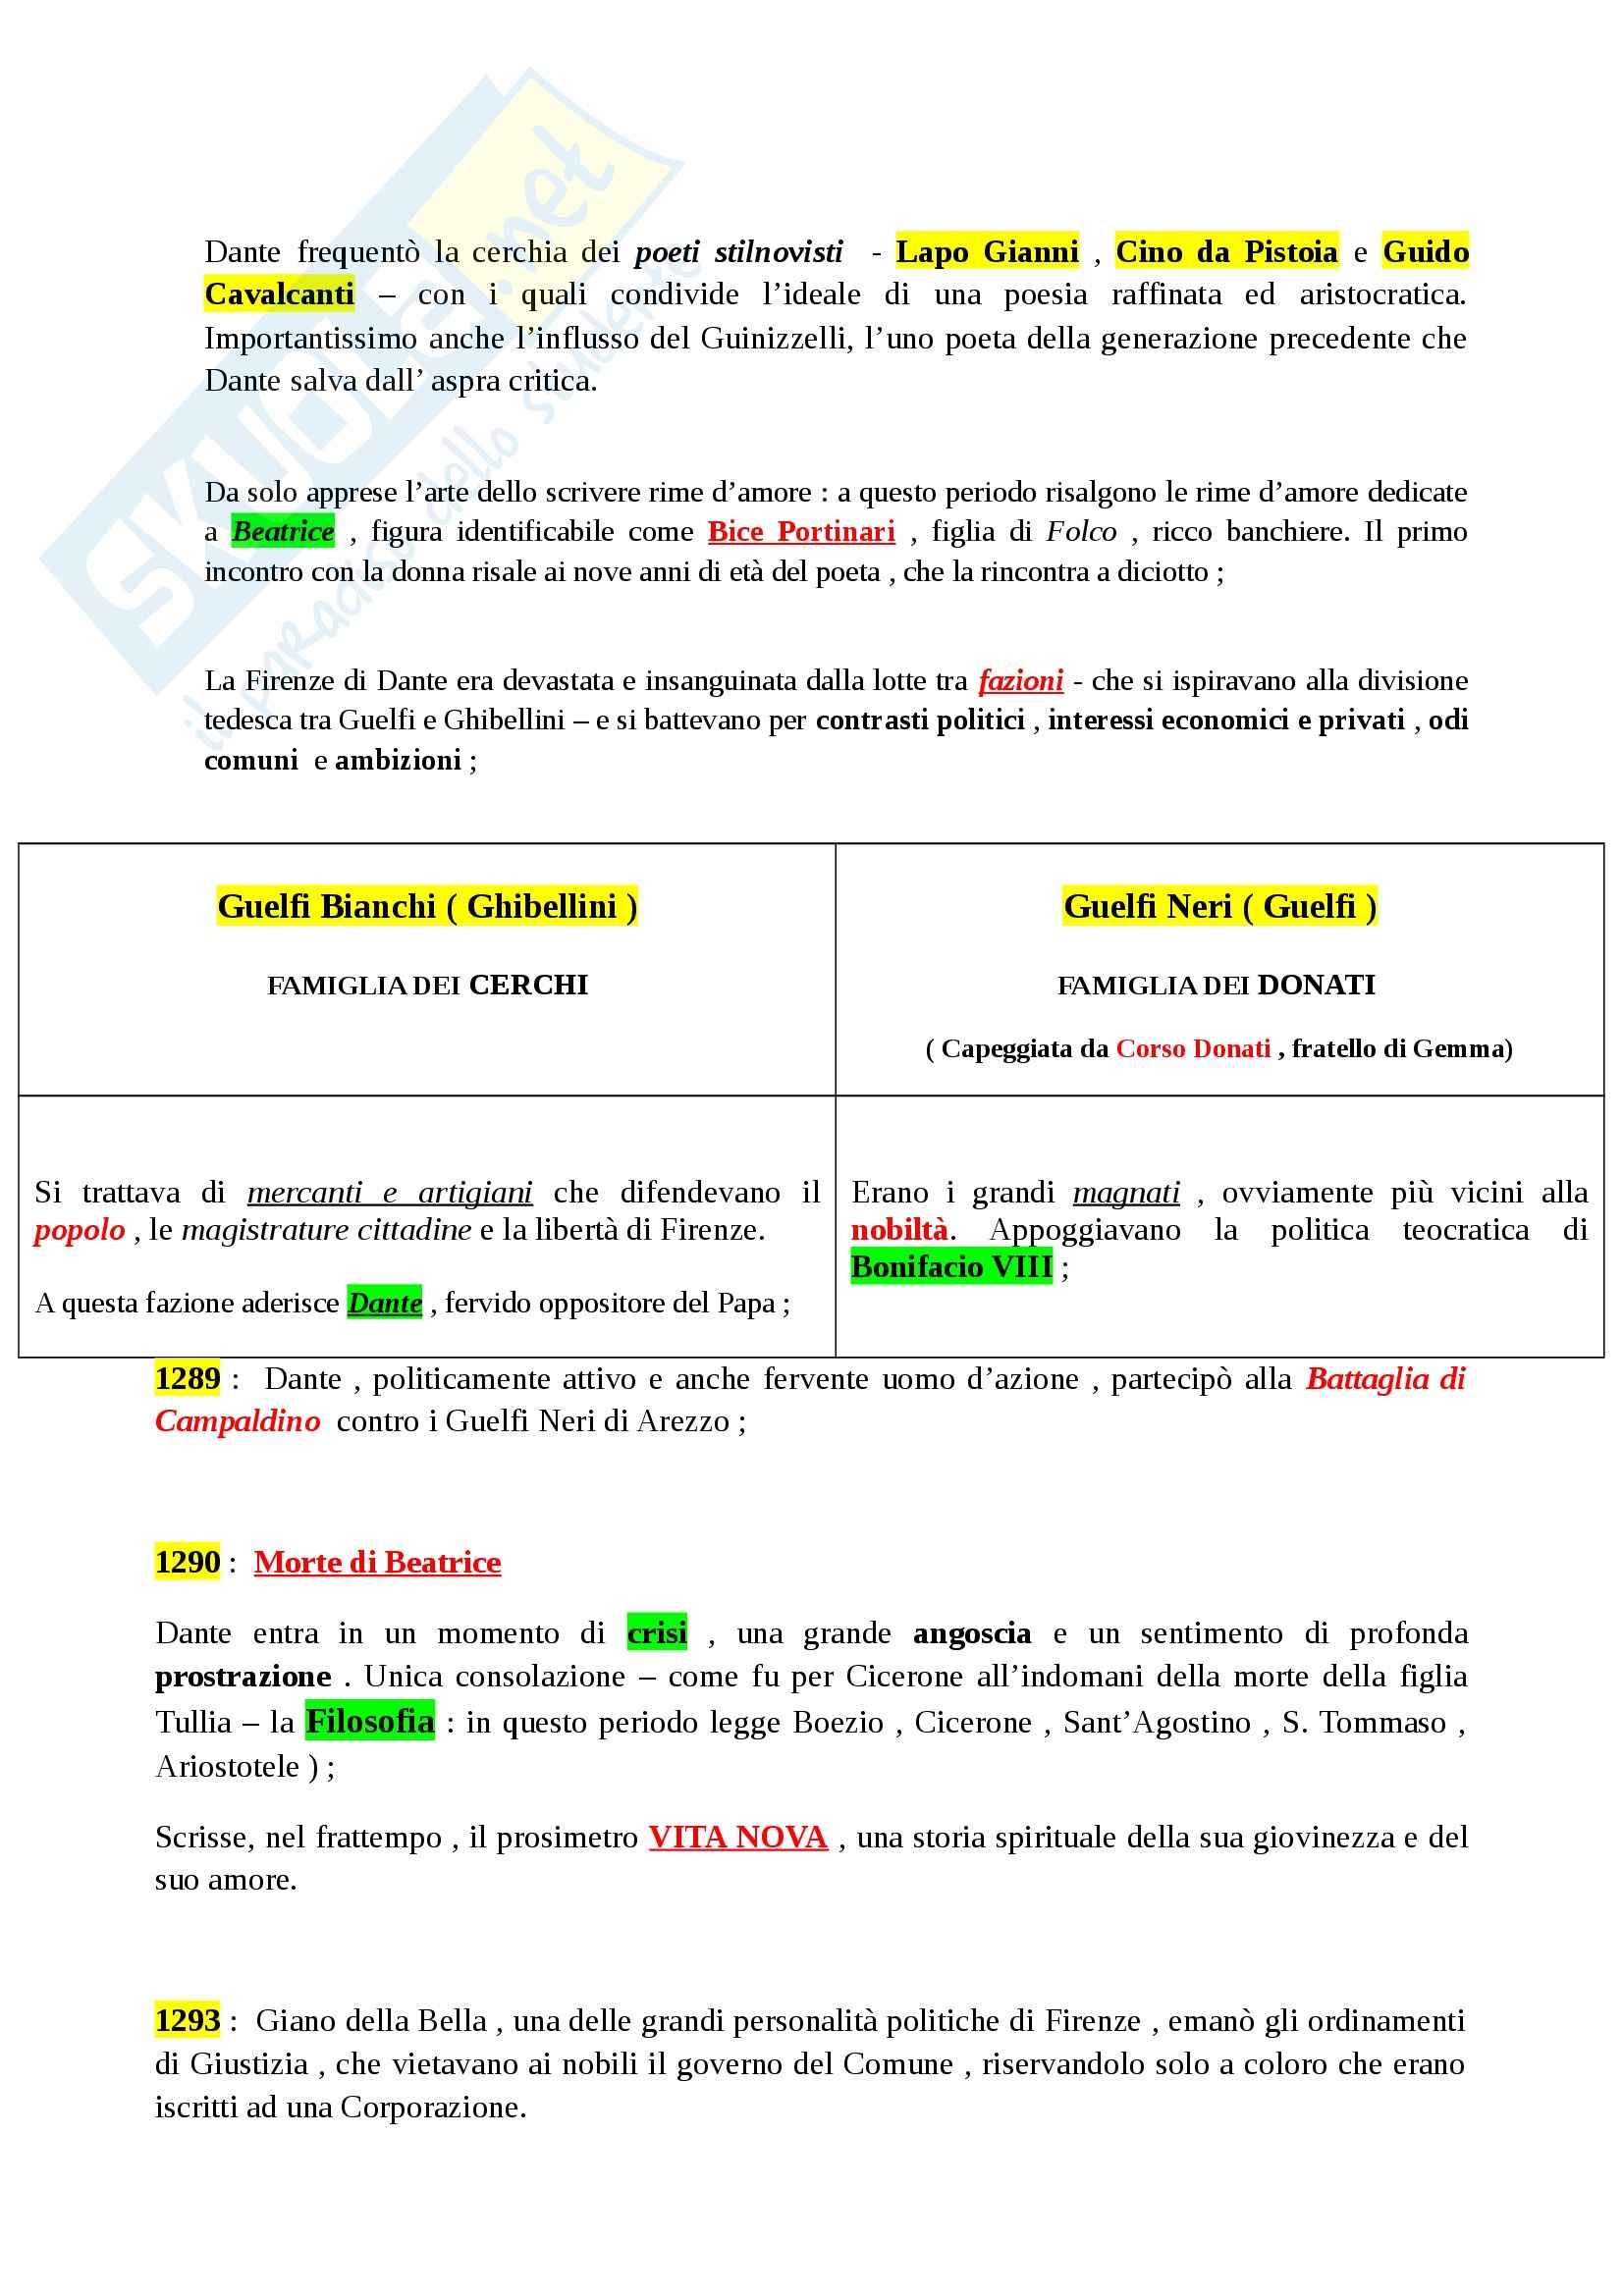 Riassunto esame Letteratura Italiana: La Letteratura Italiana, dalle Origini al Secondo Ottocento, prof. Paolino Pag. 21